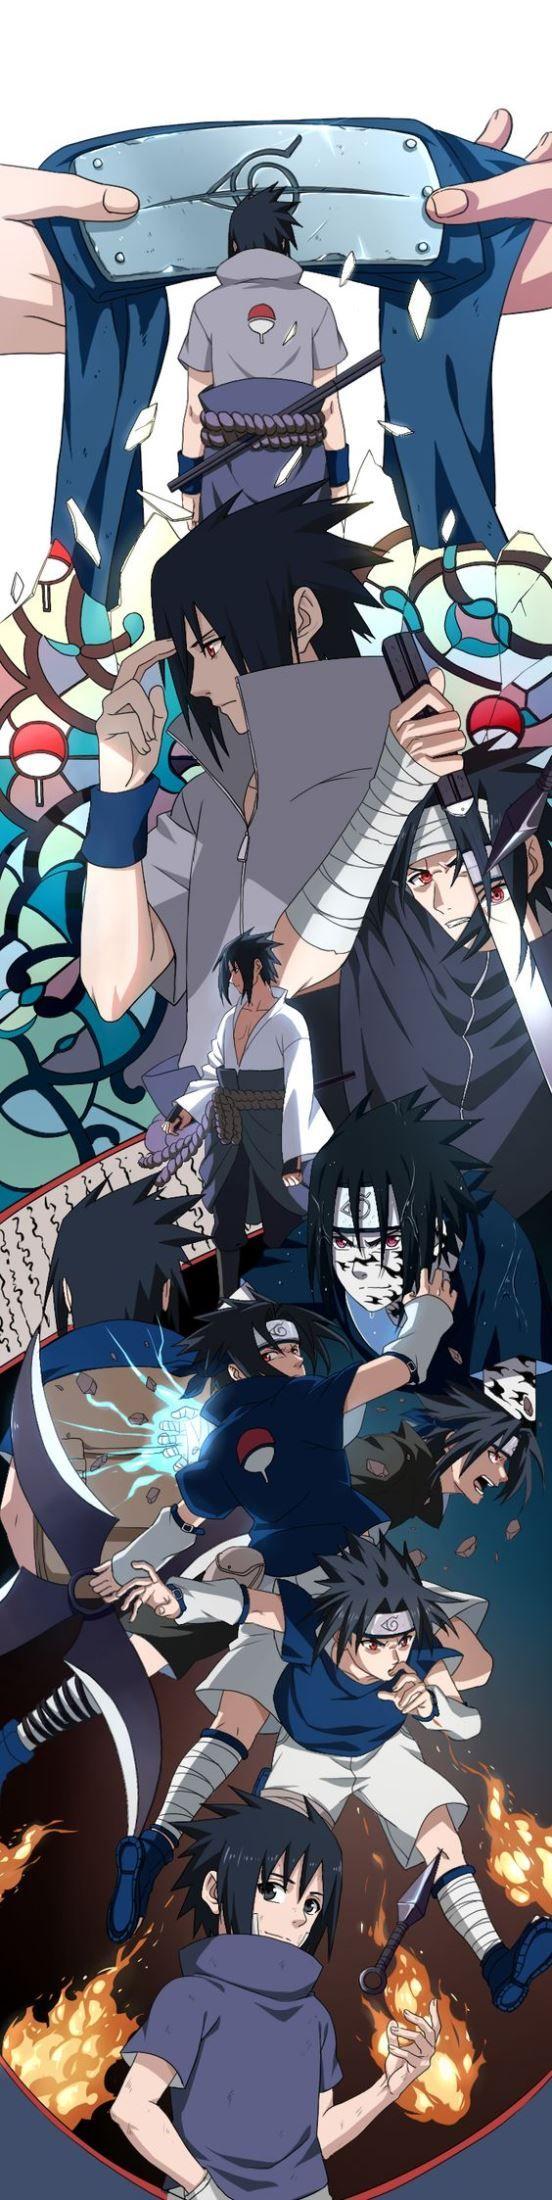 NARUTO SHIPPUDEN, Uchiha Sasuke                                                                                                                                                                                 More